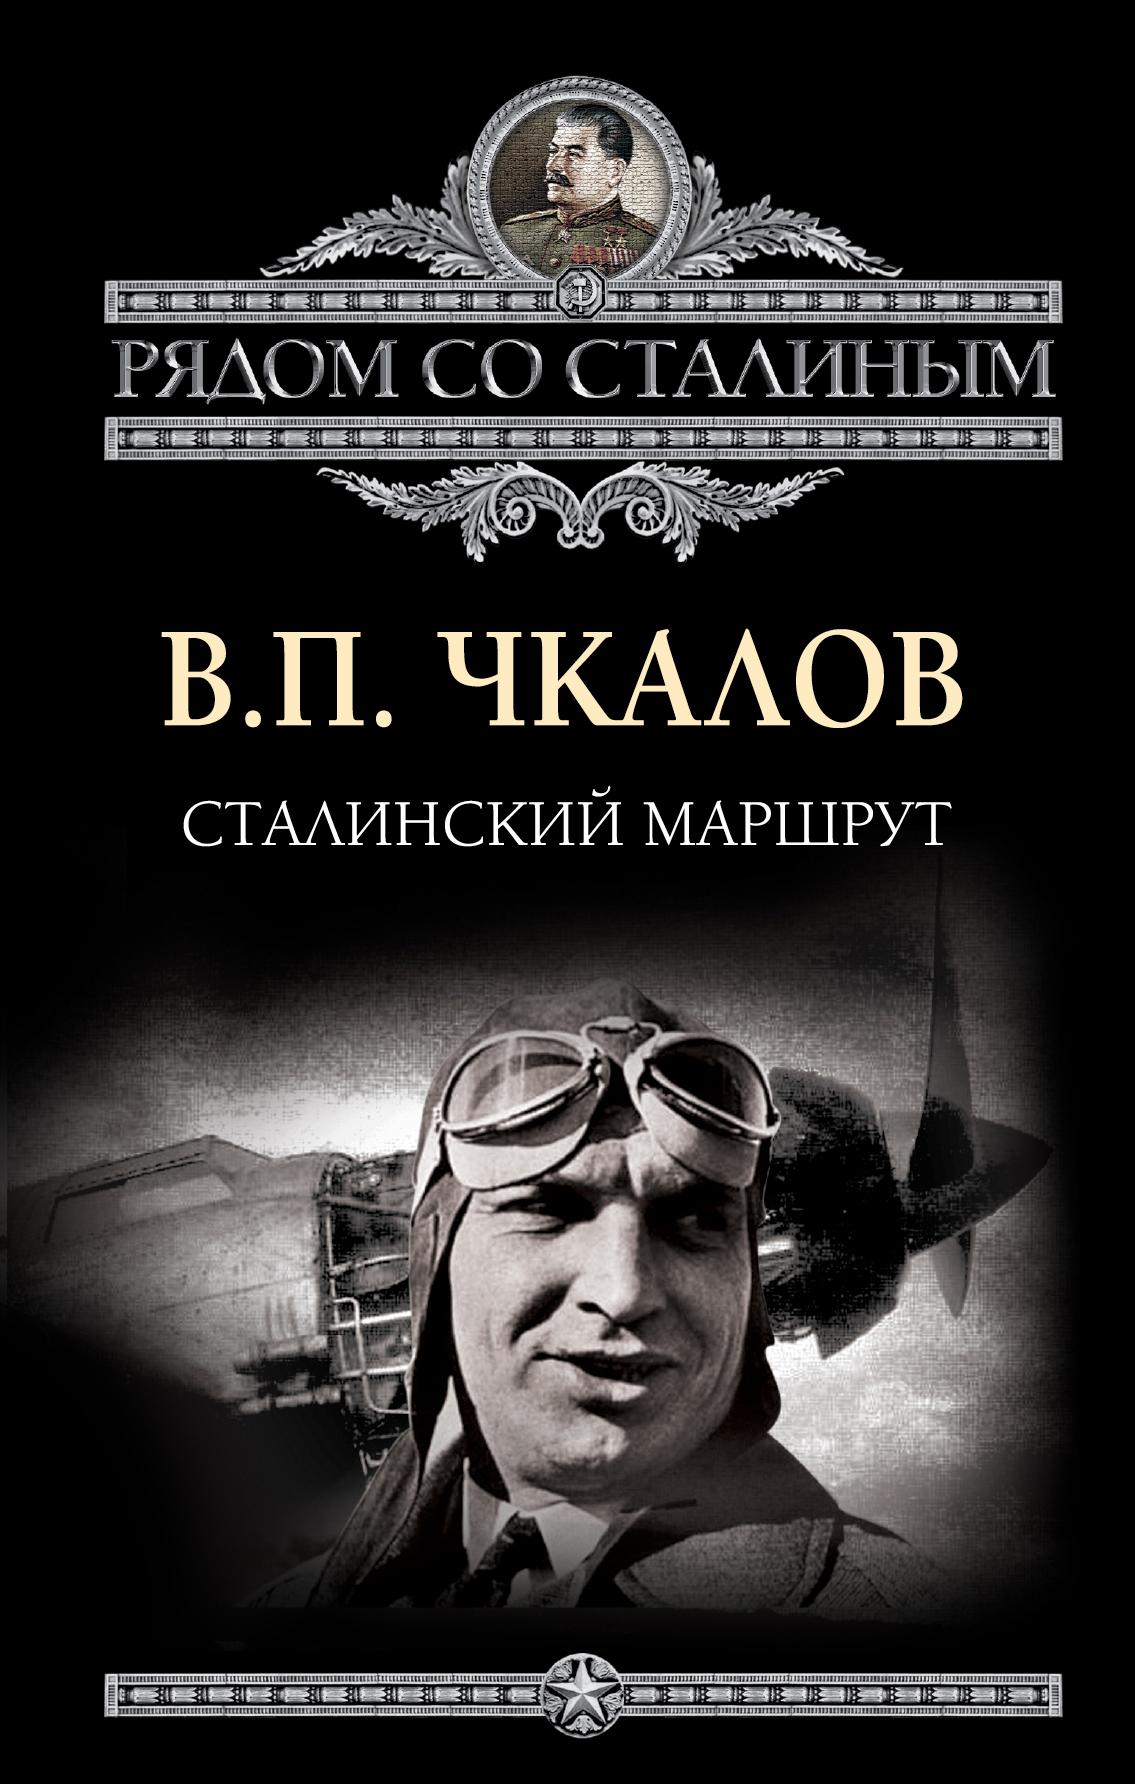 Сталинский маршрут